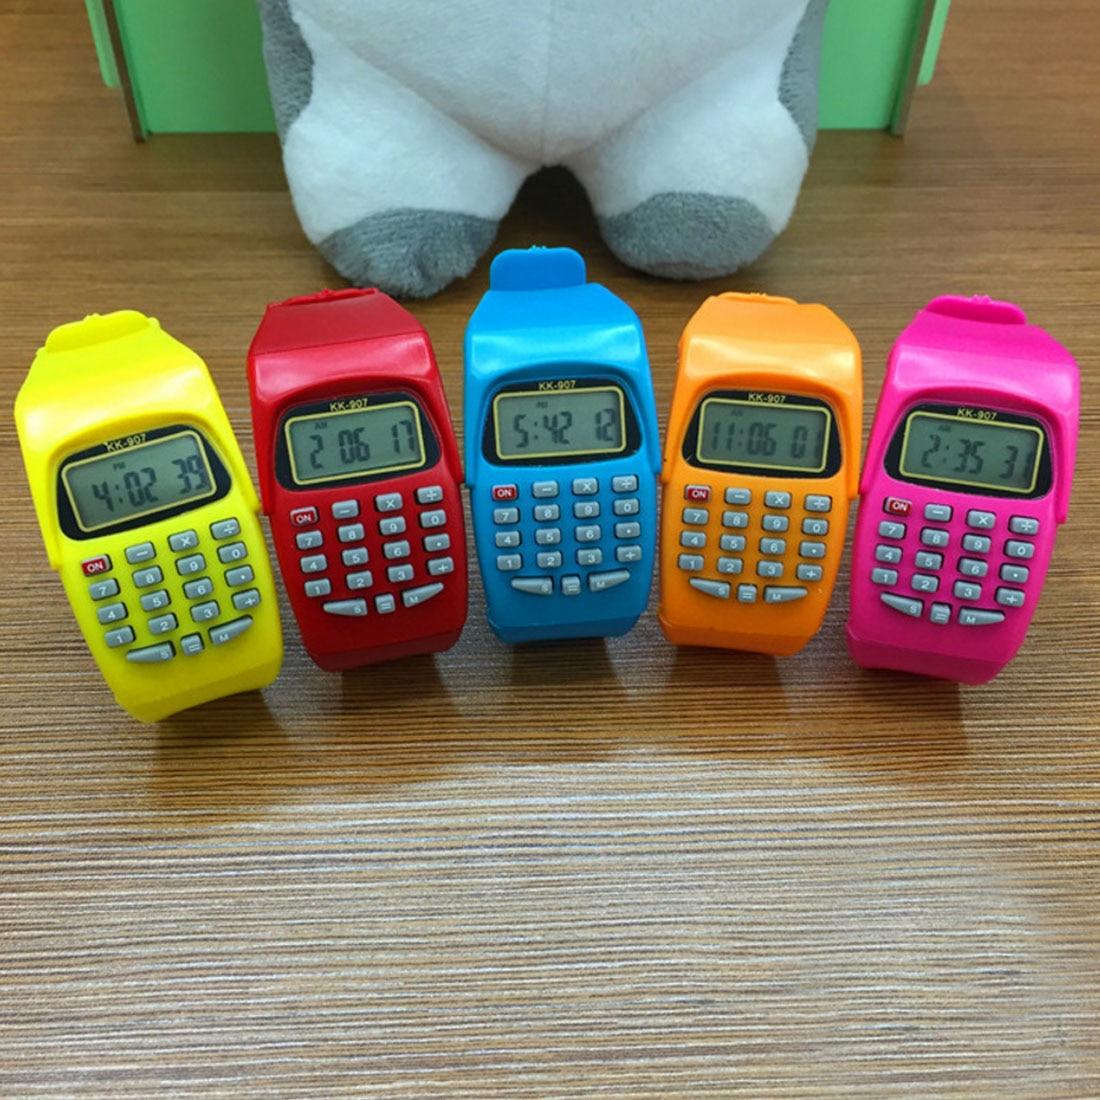 Noyokere Moda Calcolatore Digitale con Orologio a Led Funzione di Casual di Sport Del Silicone per I Bambini I Bambini Multifunzione di Calcolo